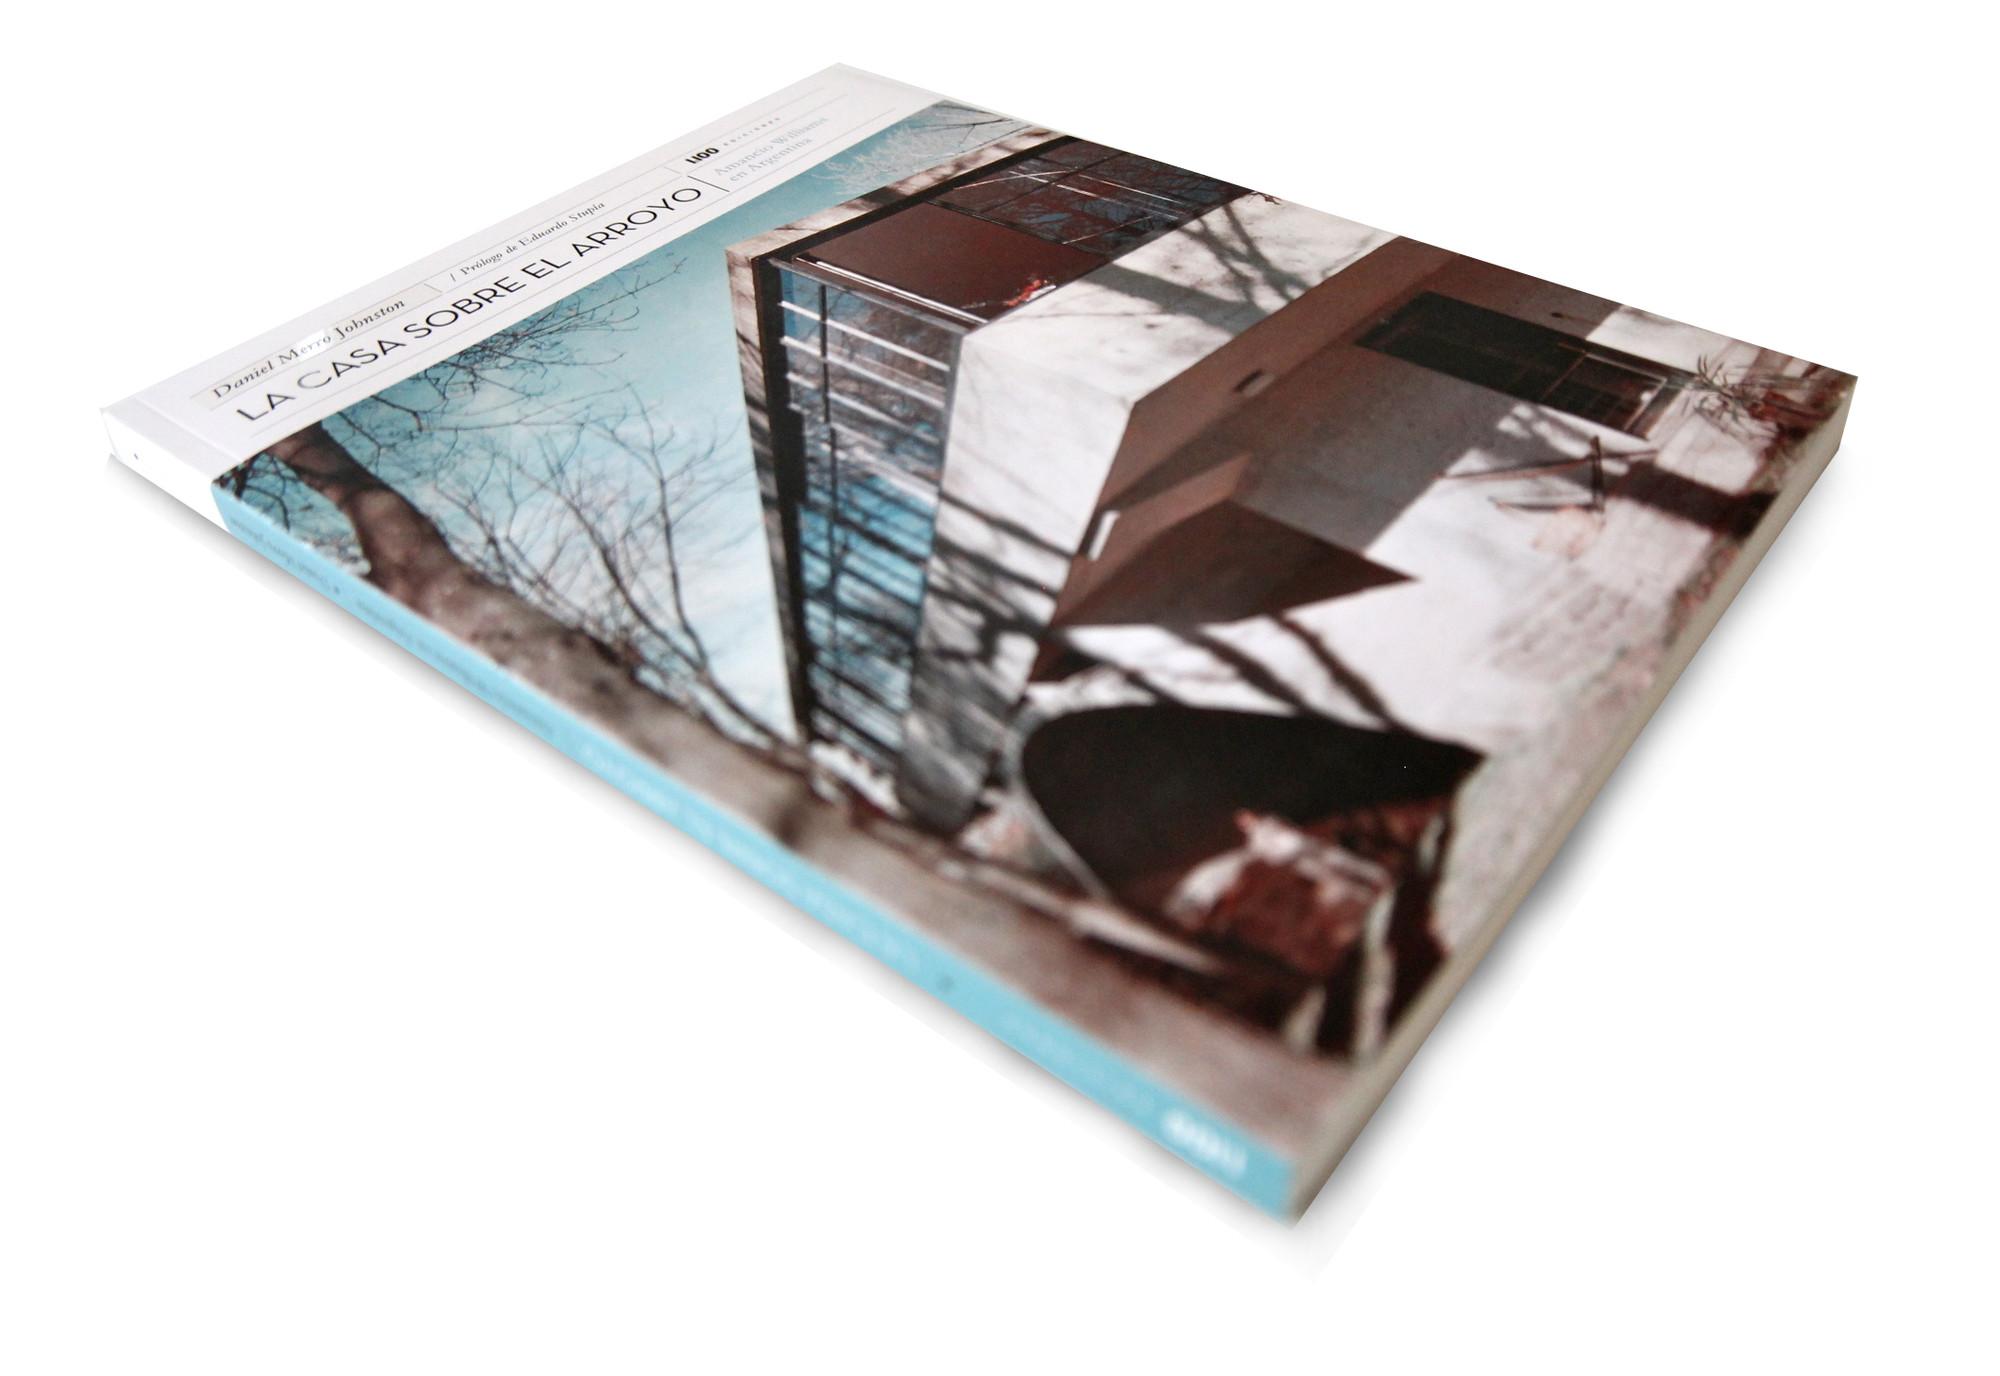 La Casa Sobre el Arroyo de Amancio Williams / Ediciones 1:100, Cortesia de ediciones 1:100